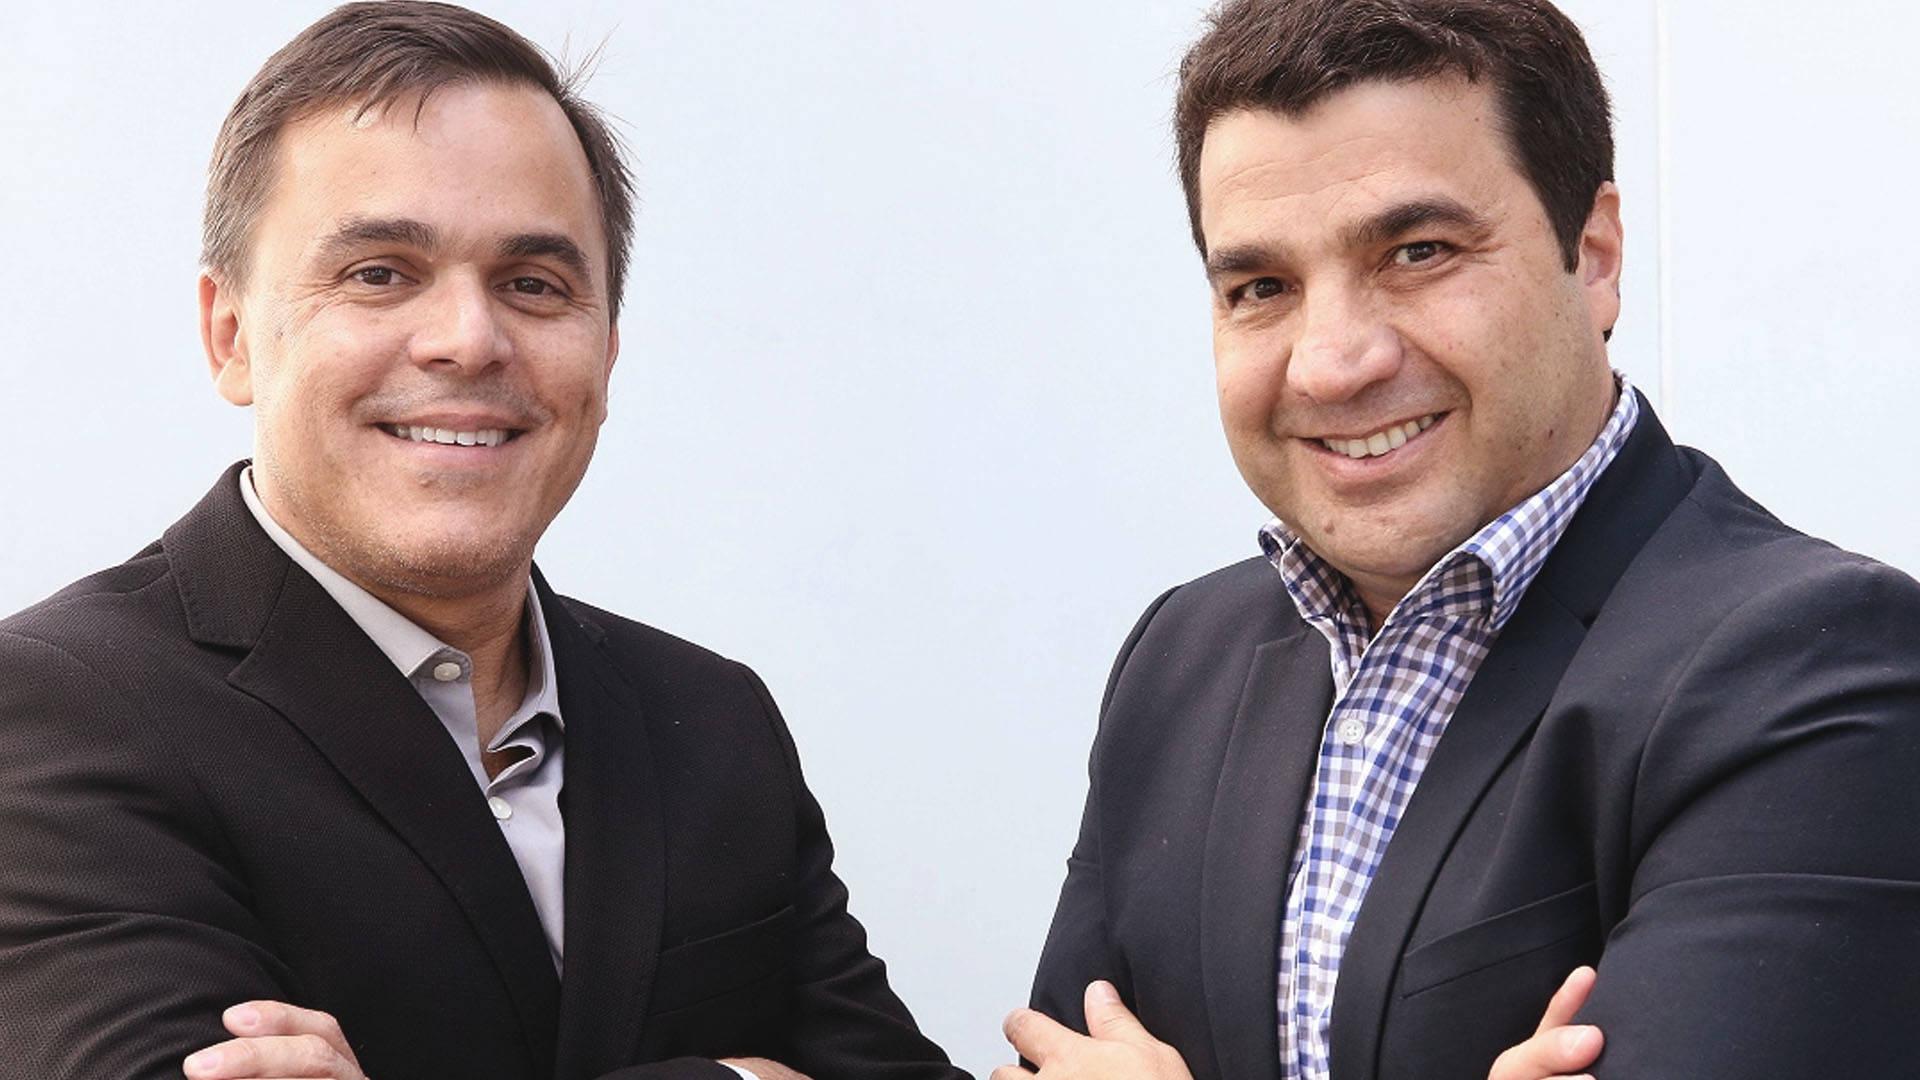 Pierre Schurmann e João Kepler, da Bossa Nova Investimentos, fecham negócio com o Grupo BMG